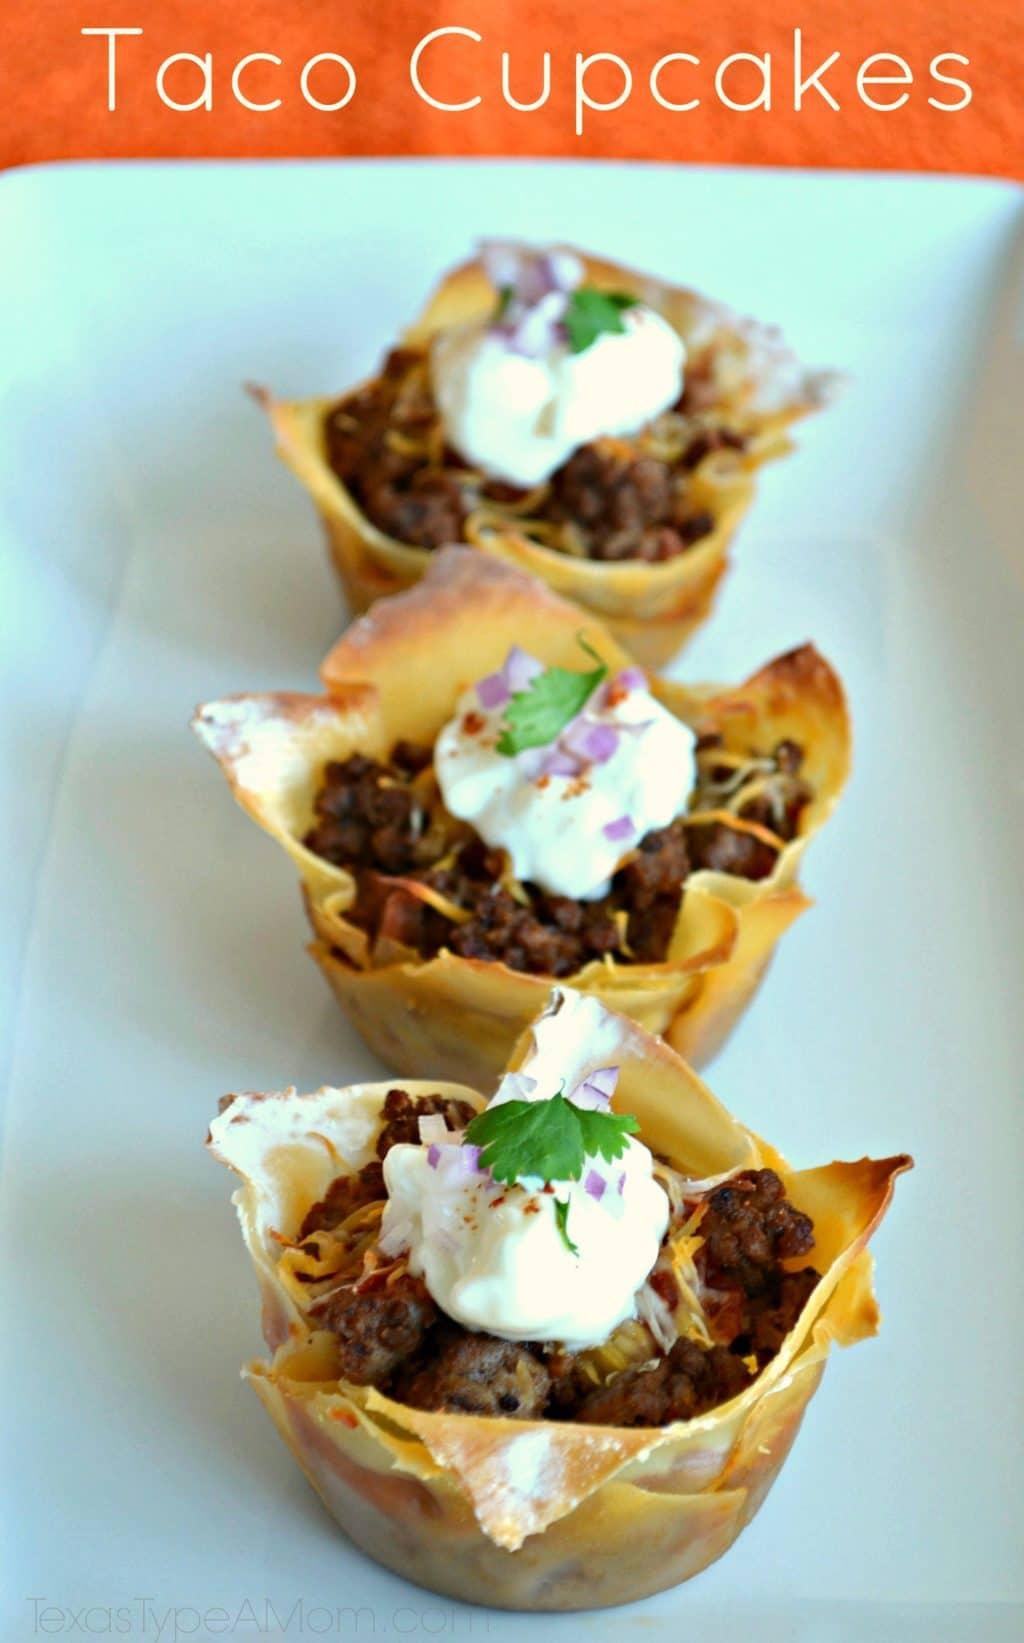 Taco Cupcakes #recipe